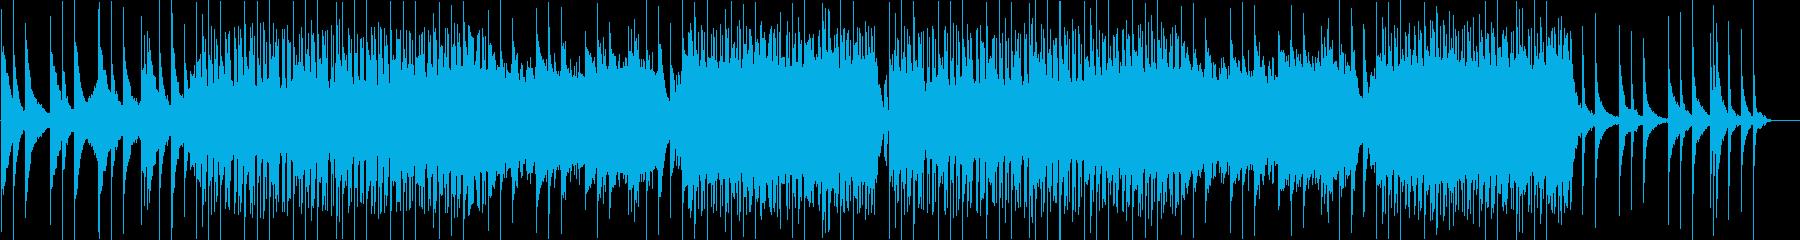 おしゃれなトラップミュージックの再生済みの波形